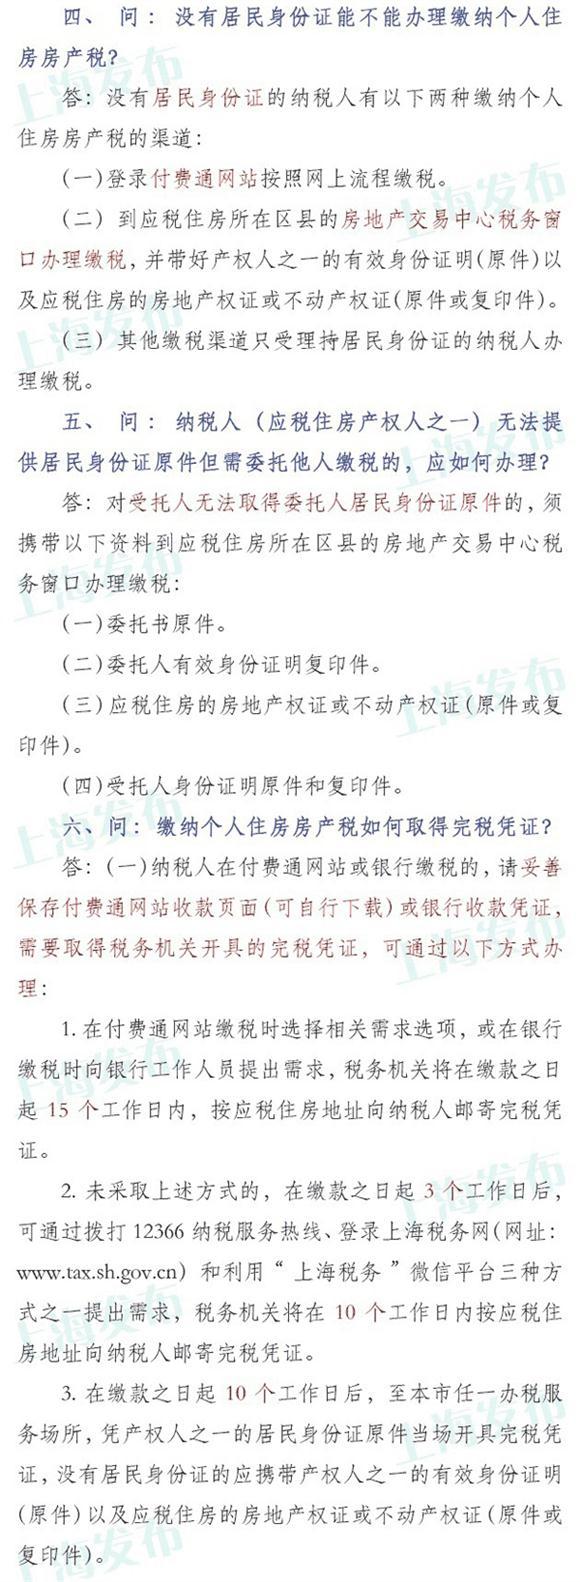 上海税务:请于年底前缴纳个人房产税 6种情况可减免